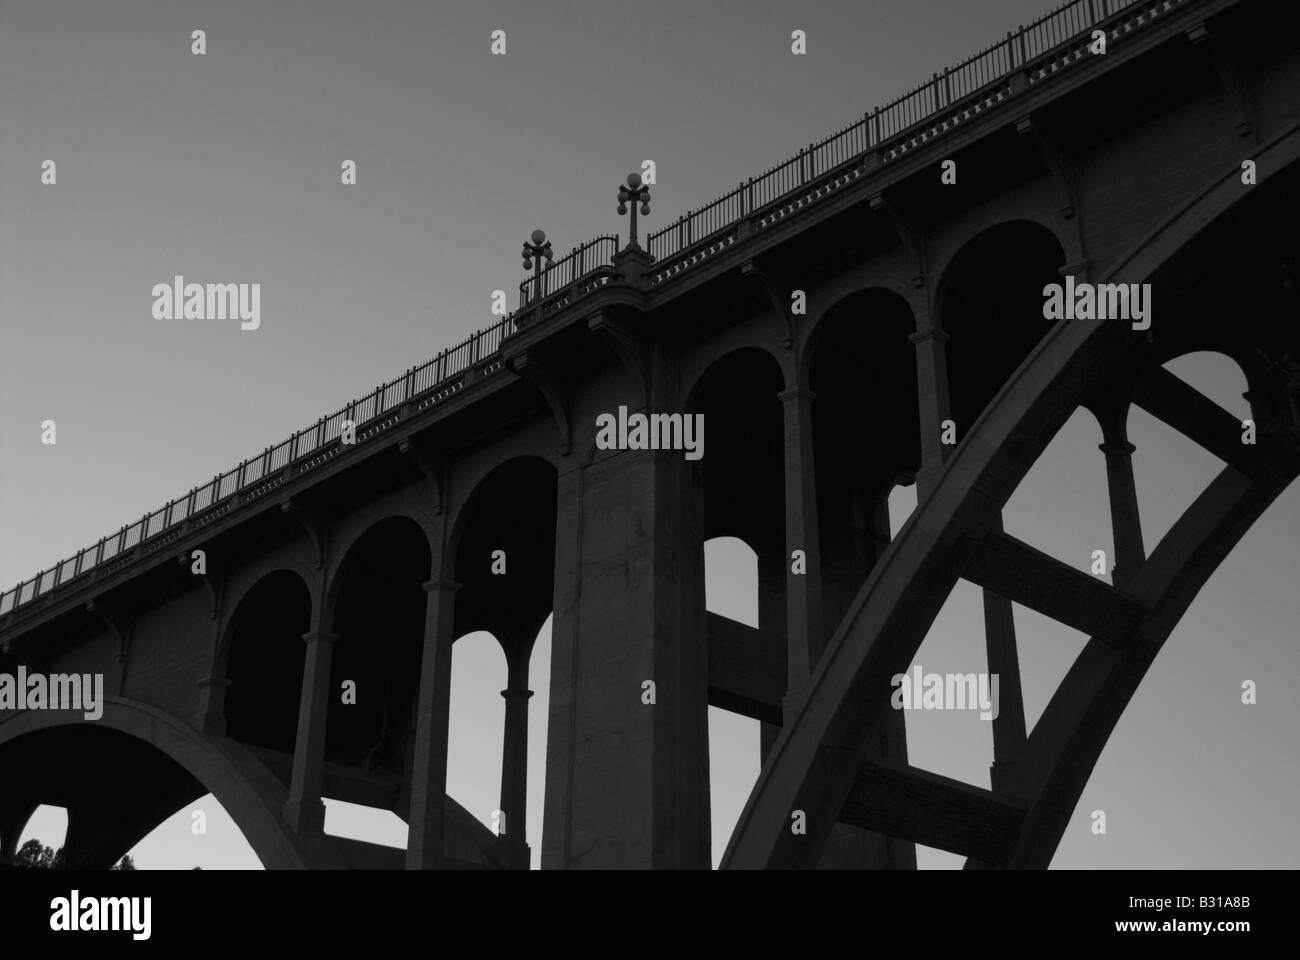 View from below of bridge - Stock Image